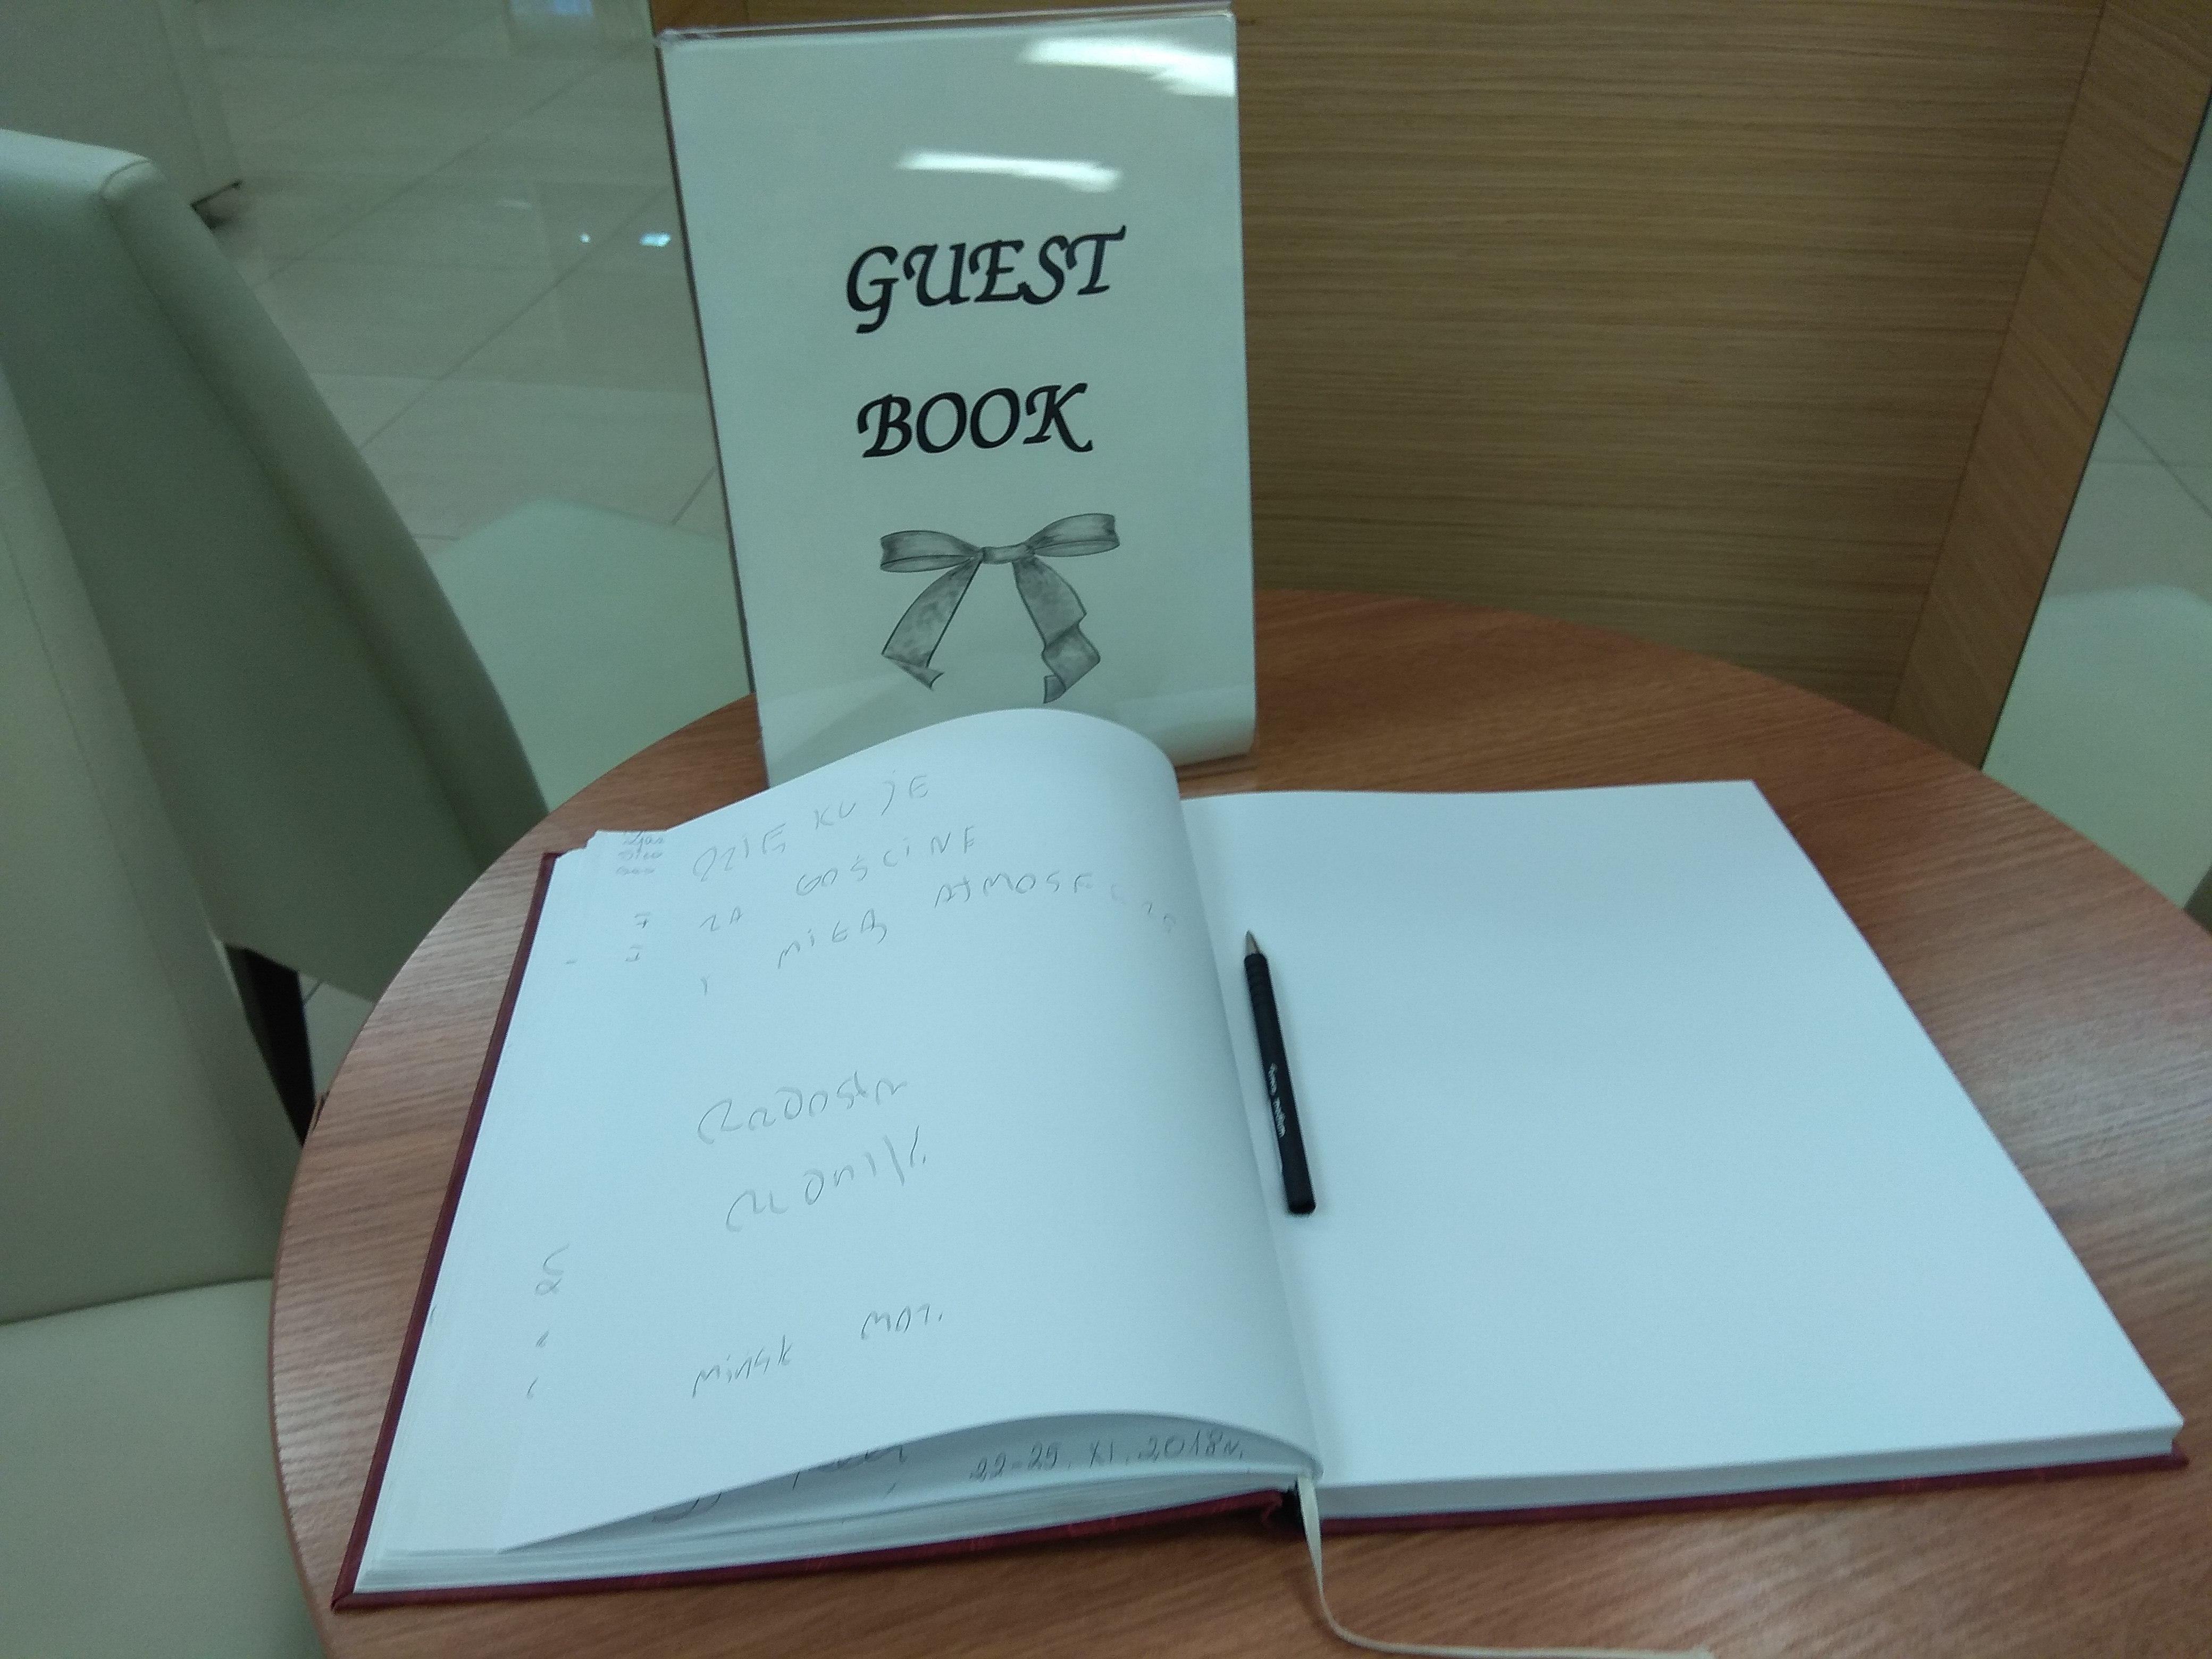 Biała rozłożona księga z czarnym długopisem, a przy niej stojąca tablica z napisem Guest Book.